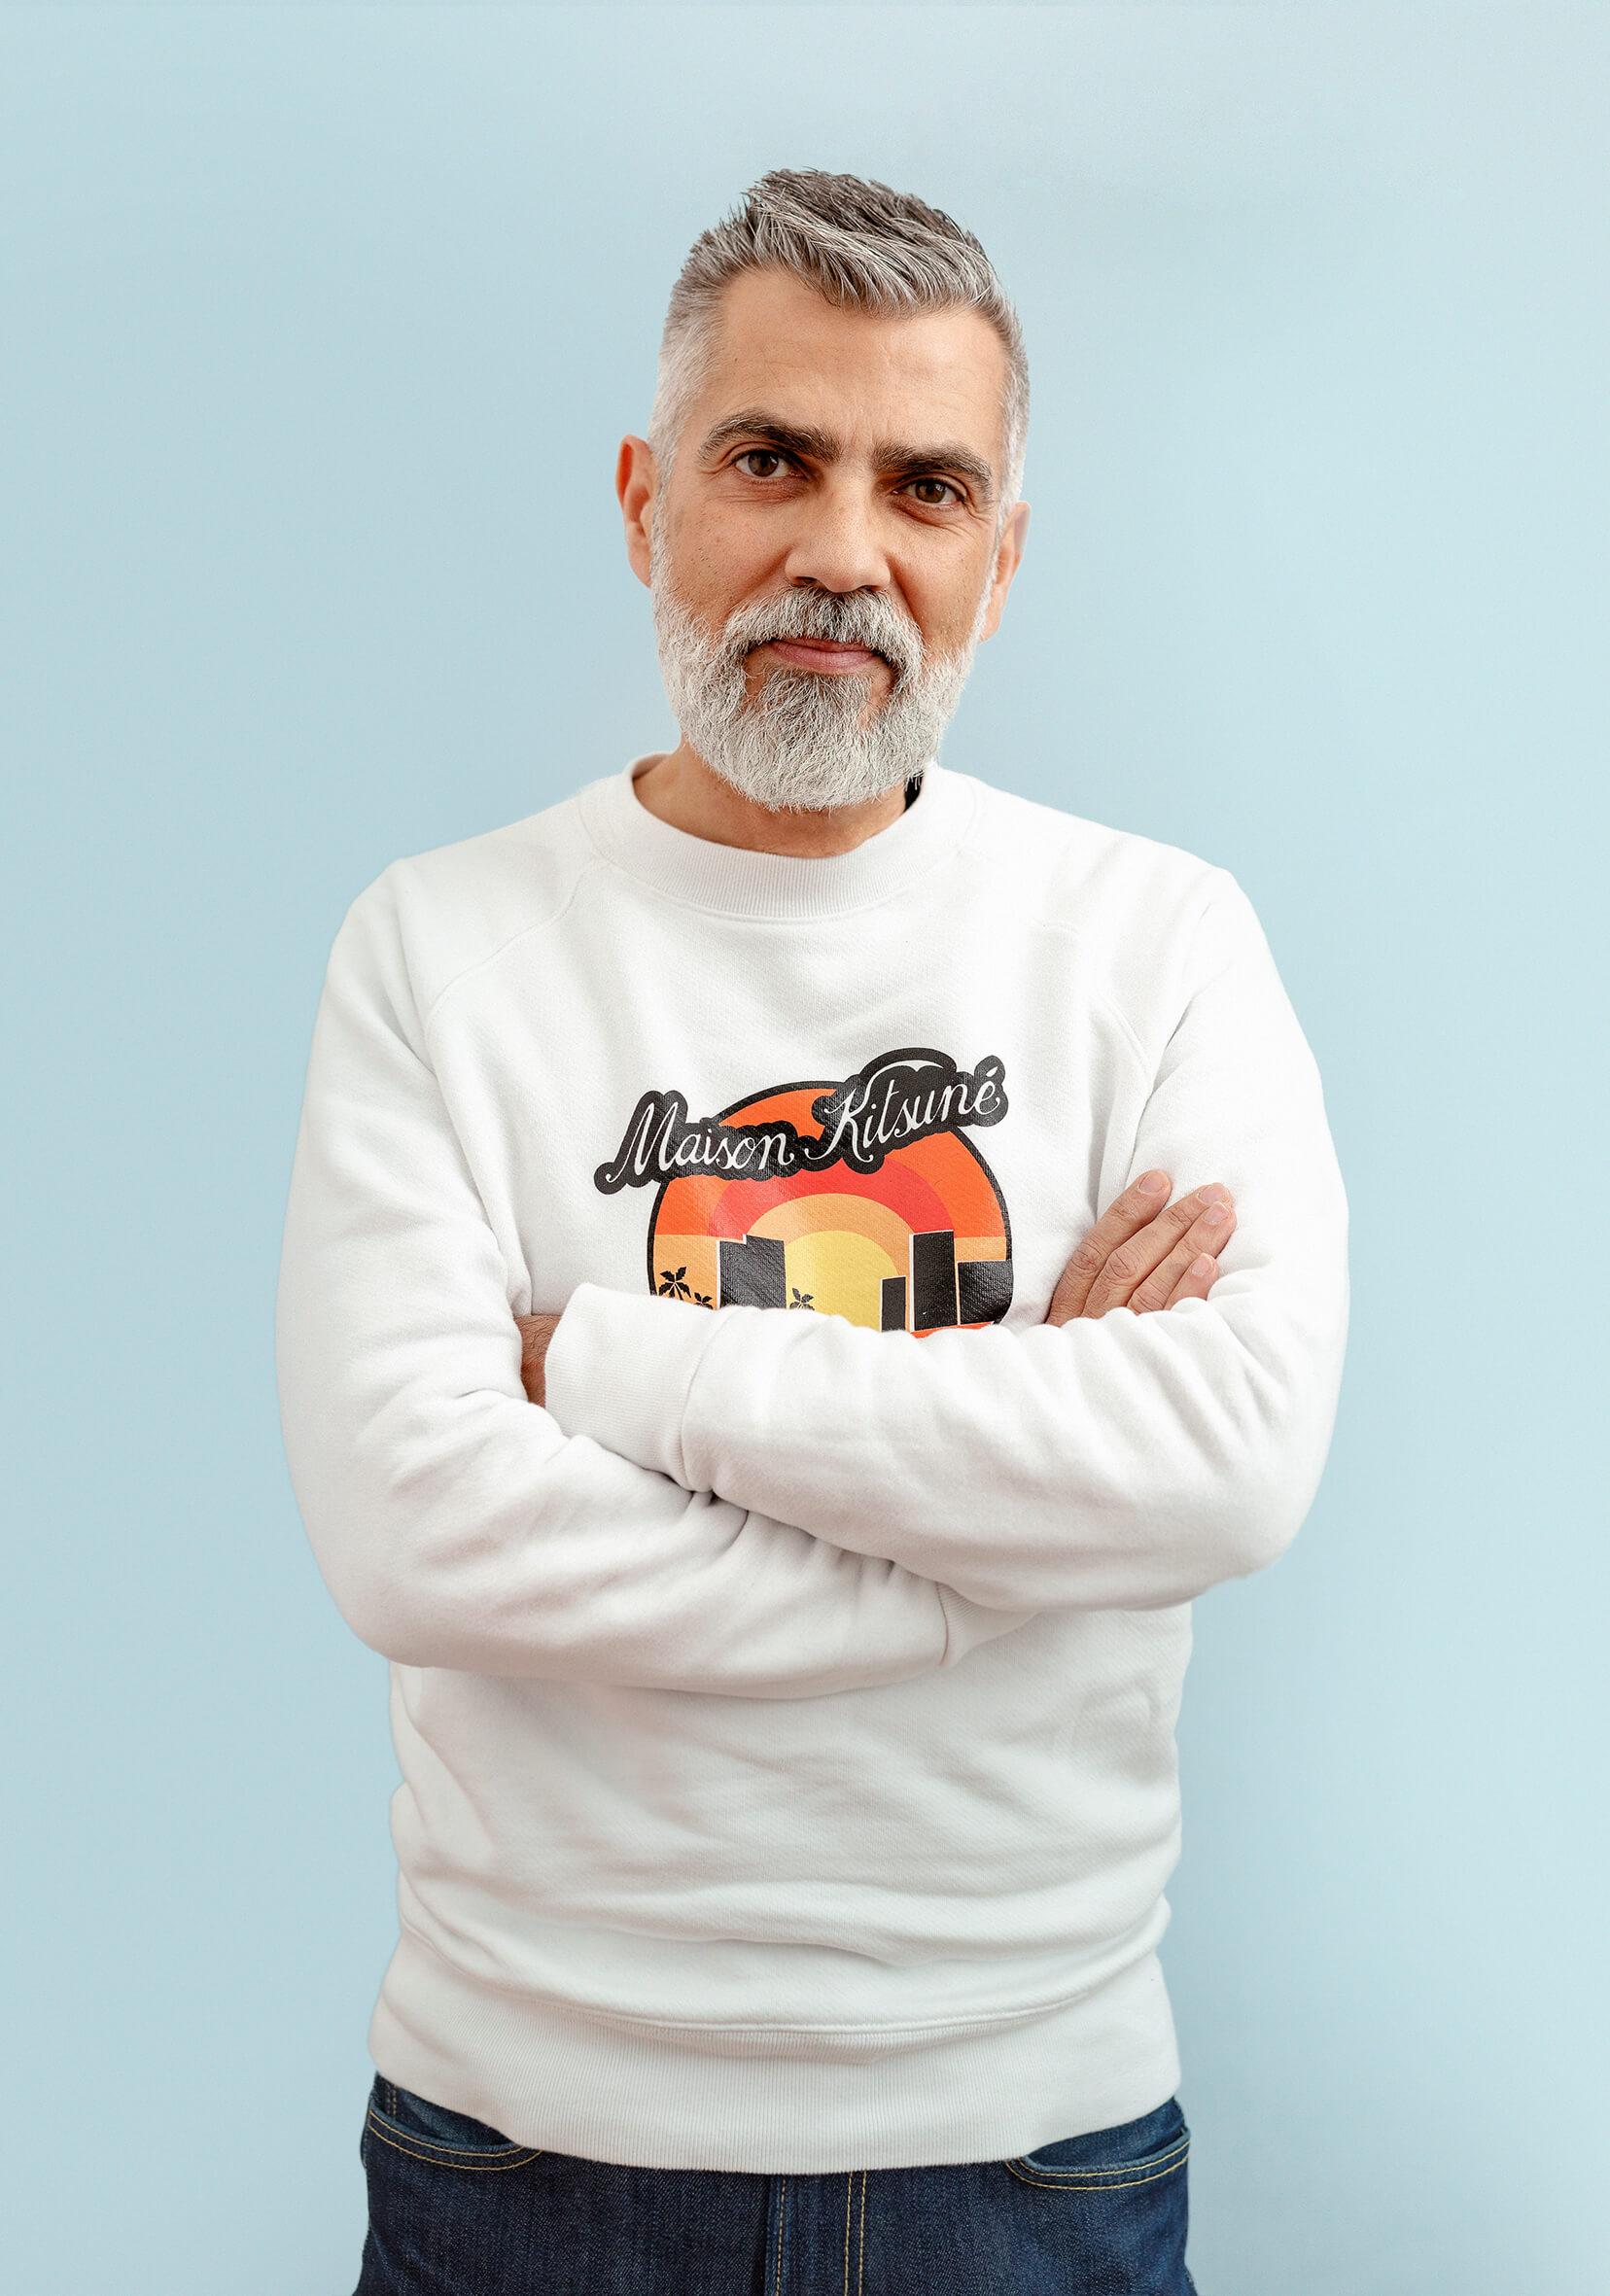 Jean-Marc Nebout